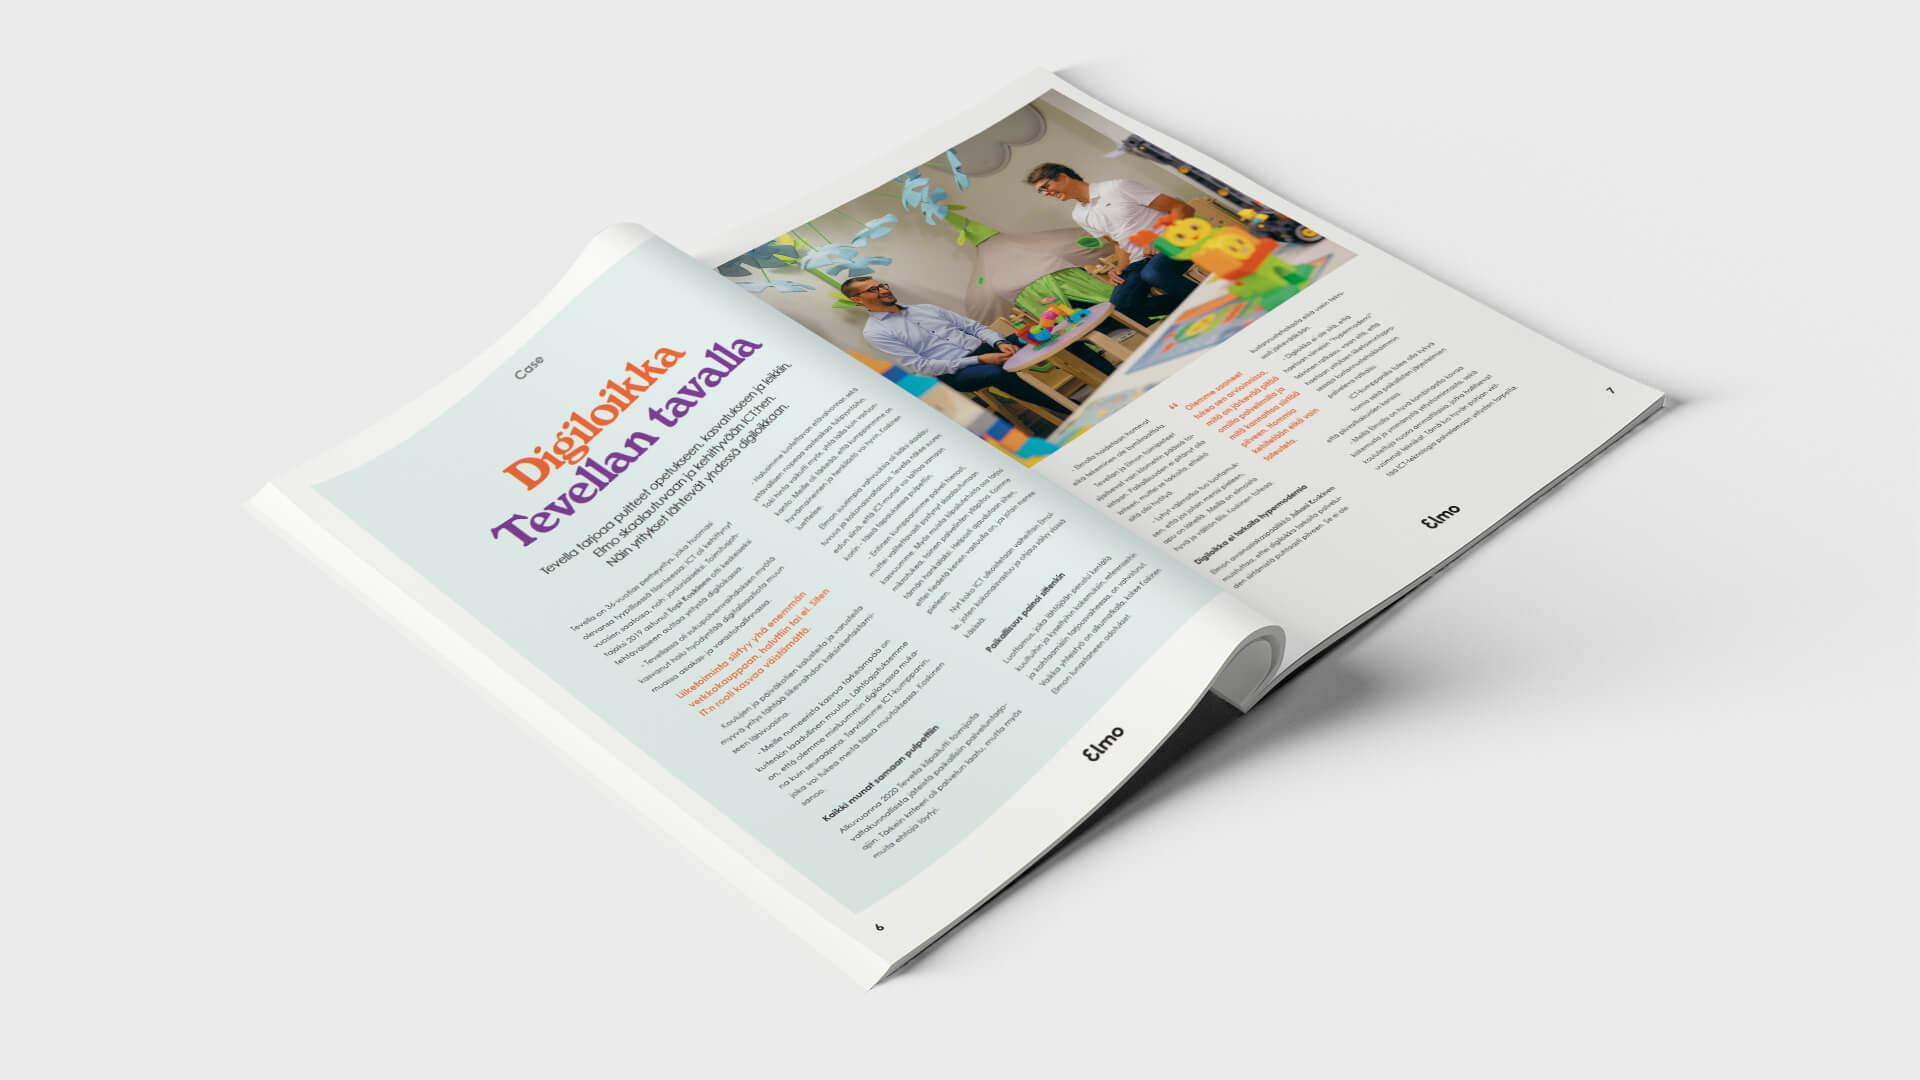 ICT Elmon järjestyksessä neljännen asiakaslehden toteutti Creative Crue.